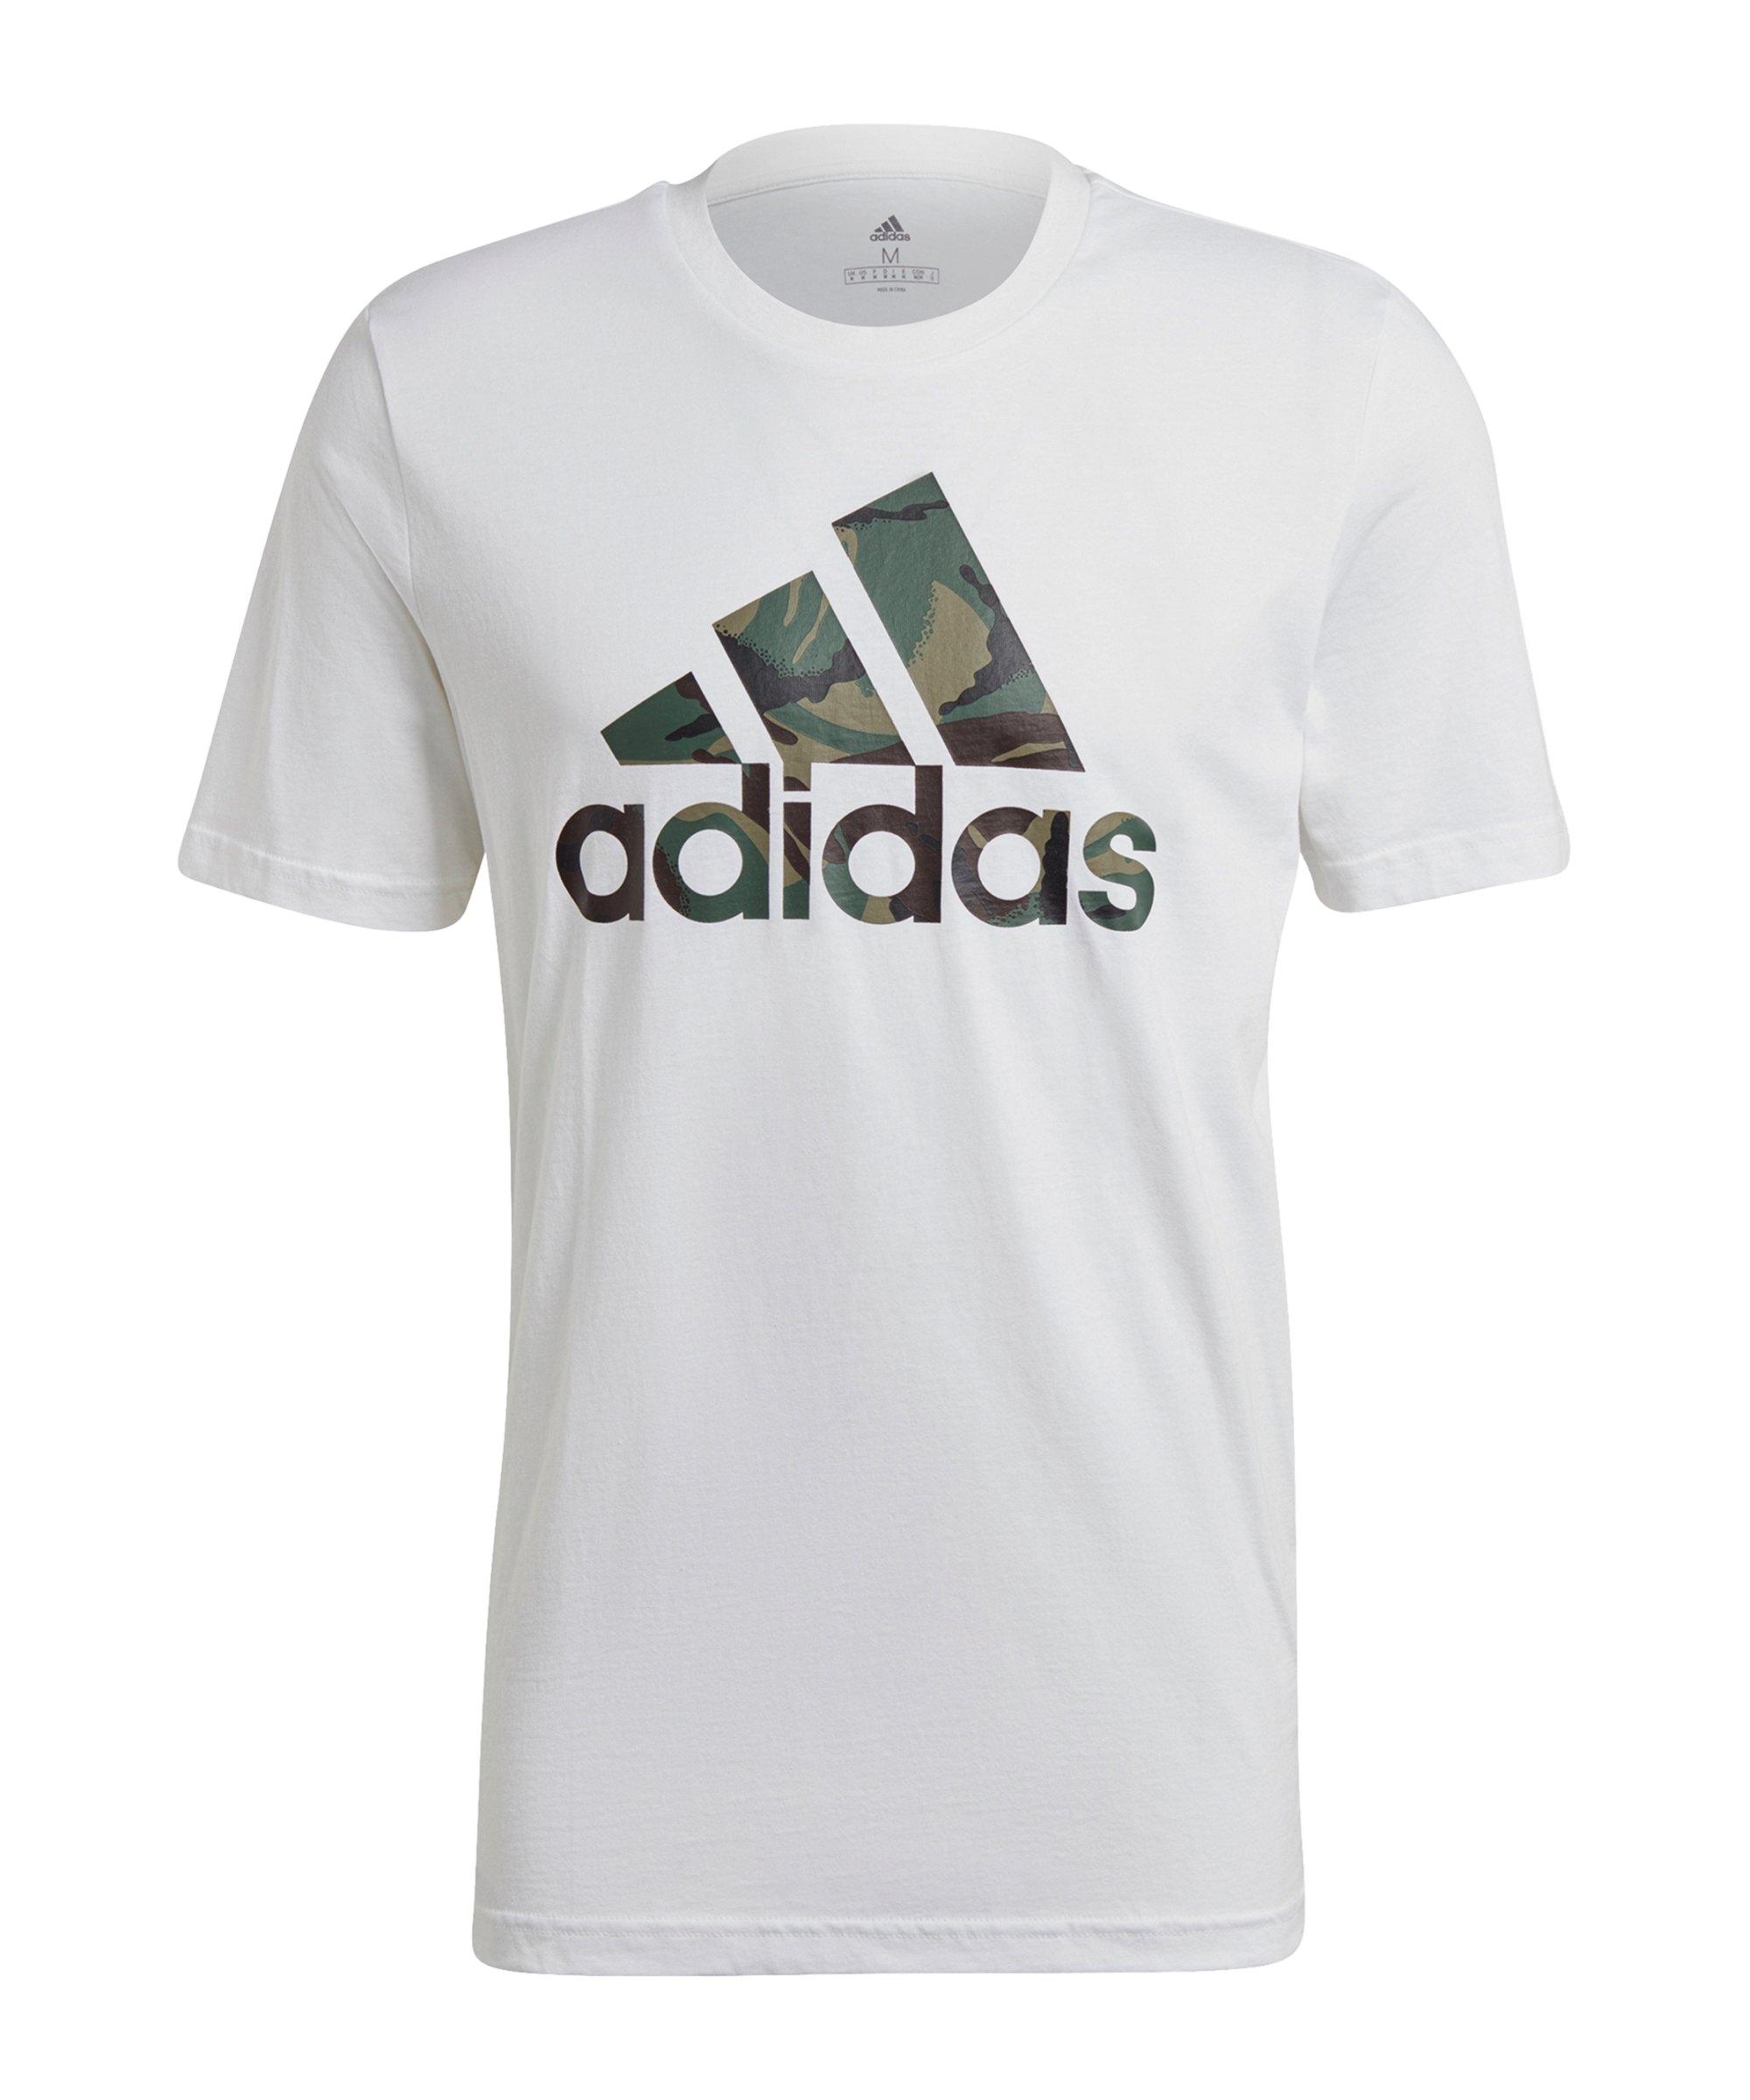 adidas Essentials T-Shirt Weiss Pink Dunkelgrün - weiss